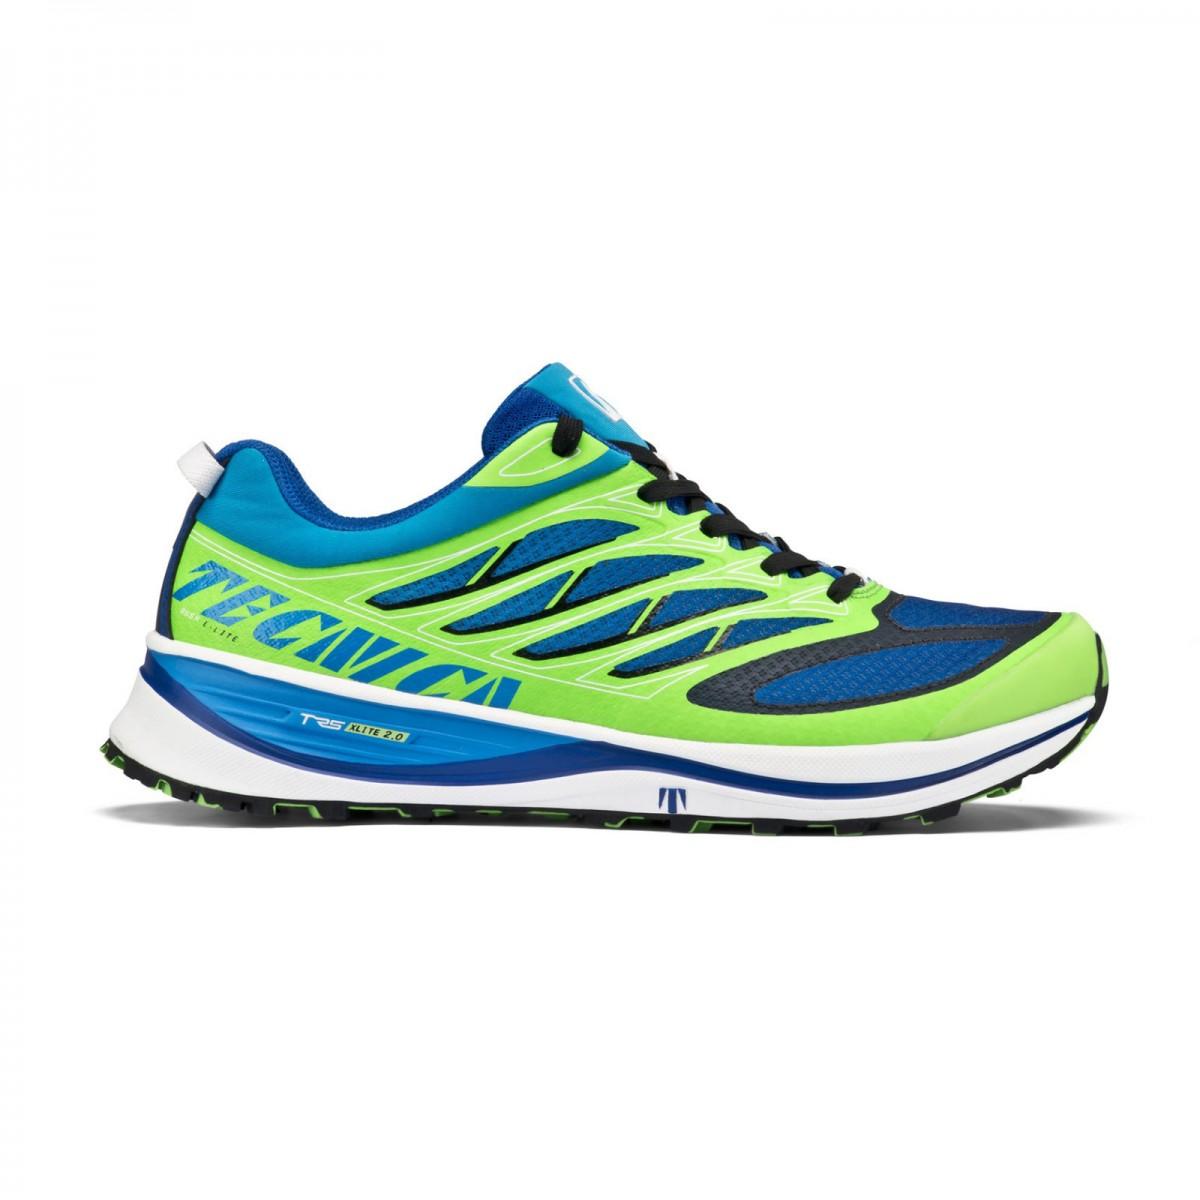 Tecnica Rush E Lite Ms Scarpe running uomo blue lime 080388e2c49